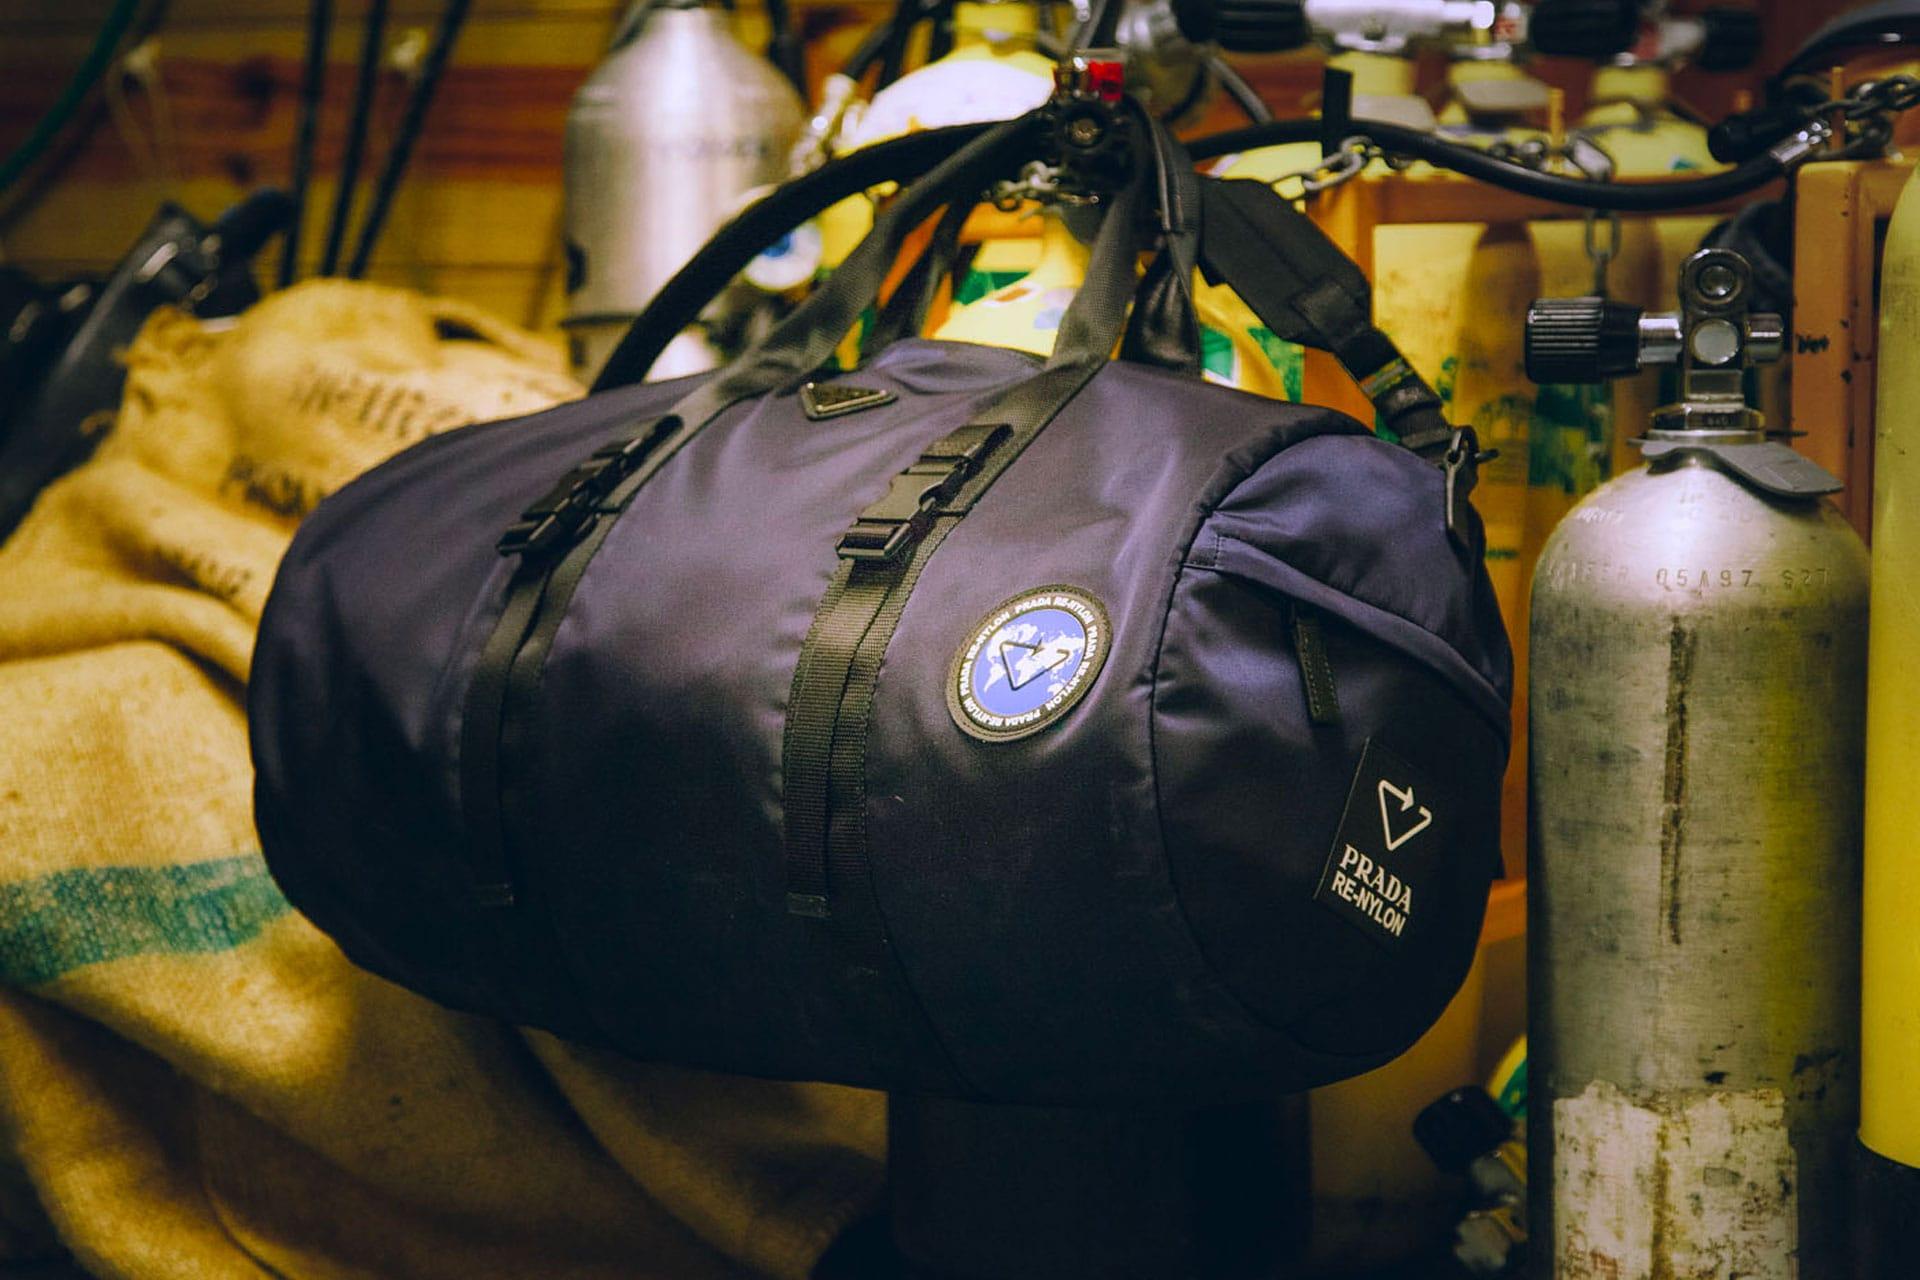 túi prada trong dự án renylon